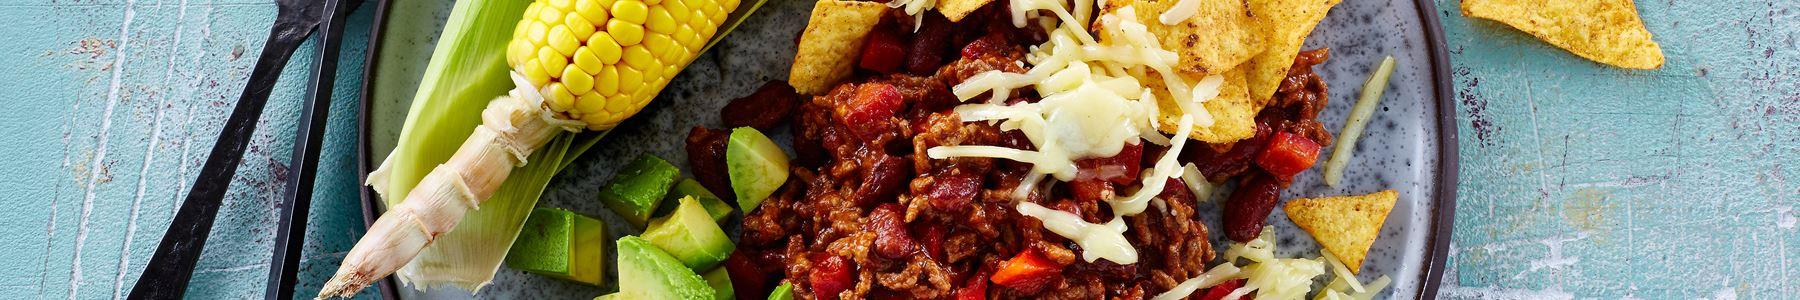 Opskrifter sydamerikansk mad